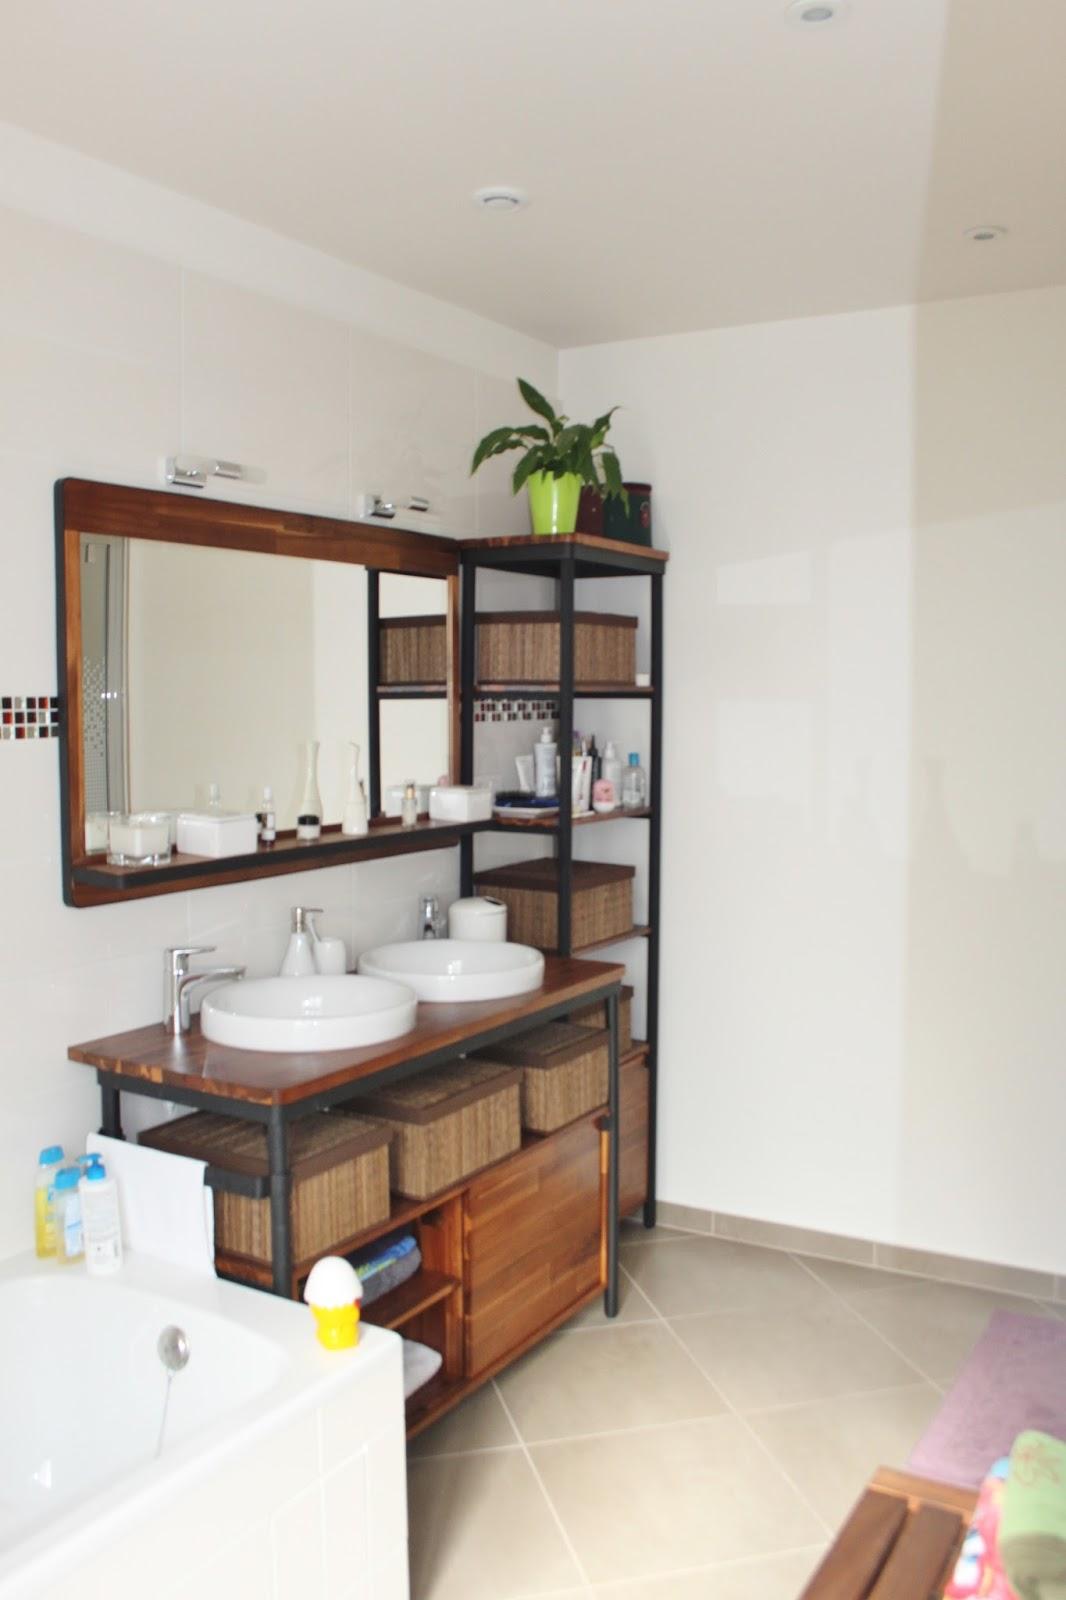 adc l 39 atelier d 39 c t am nagement int rieur design d 39 espace et d coration transformation d. Black Bedroom Furniture Sets. Home Design Ideas